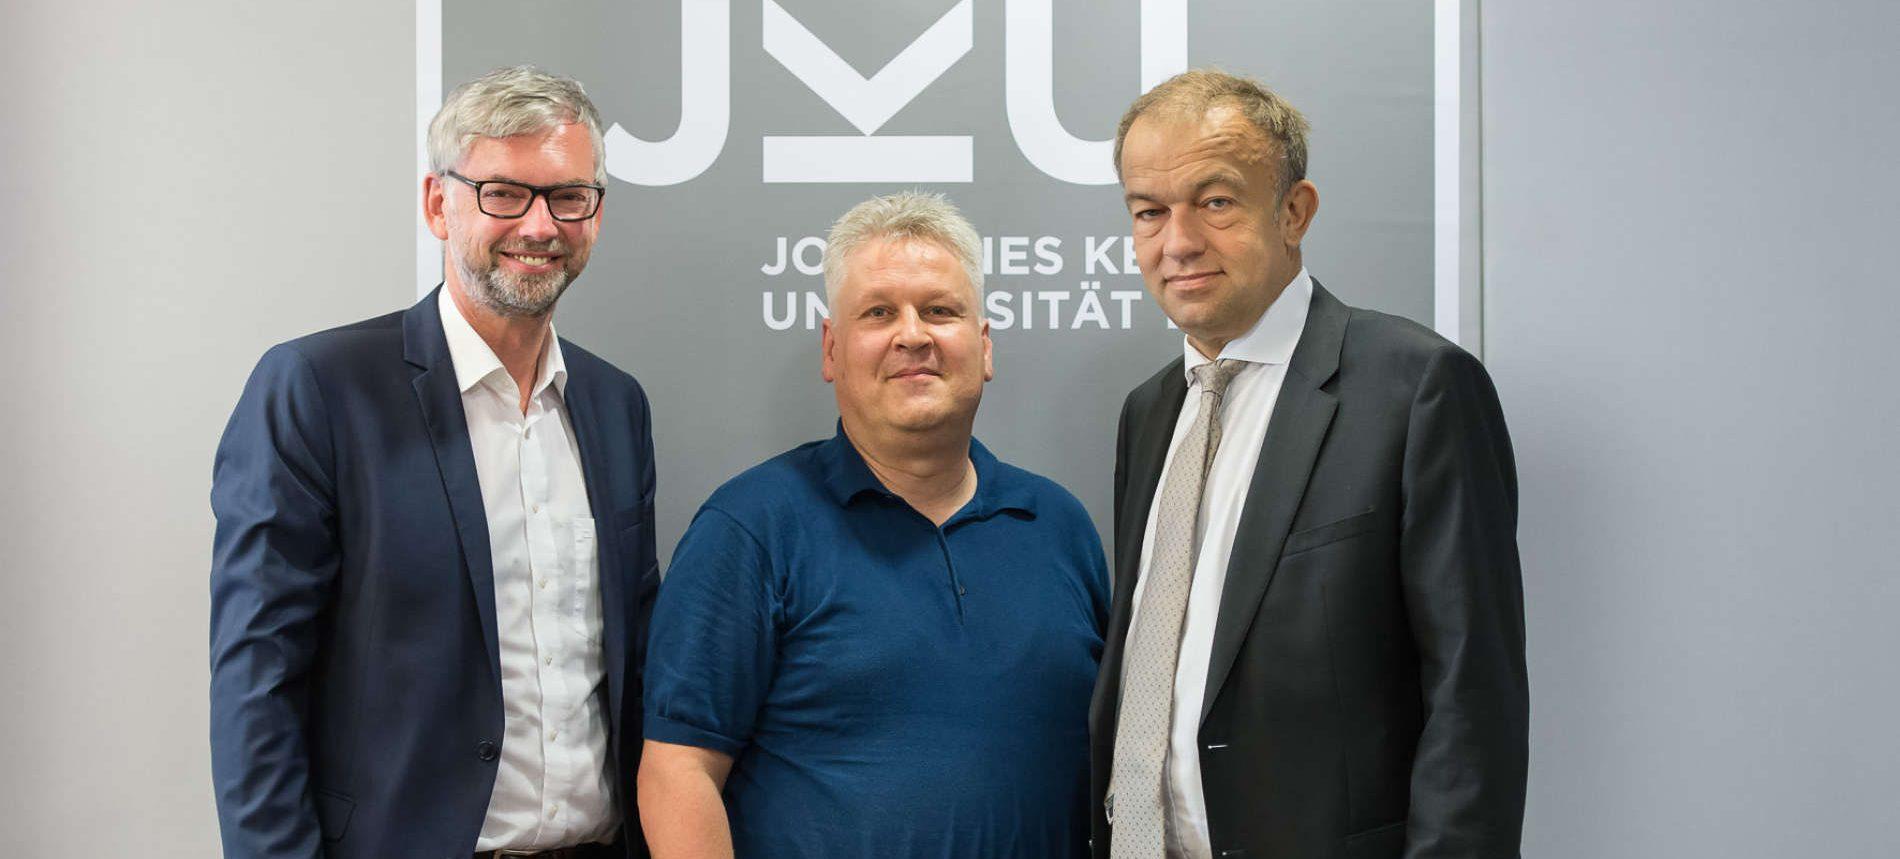 Basteln gemeinsam am Spitzeninstitu mit Weltanspruch in Linz (v. l.): LH-Stv. Strugl, Hochreiter, JKU-Rektor Lukas